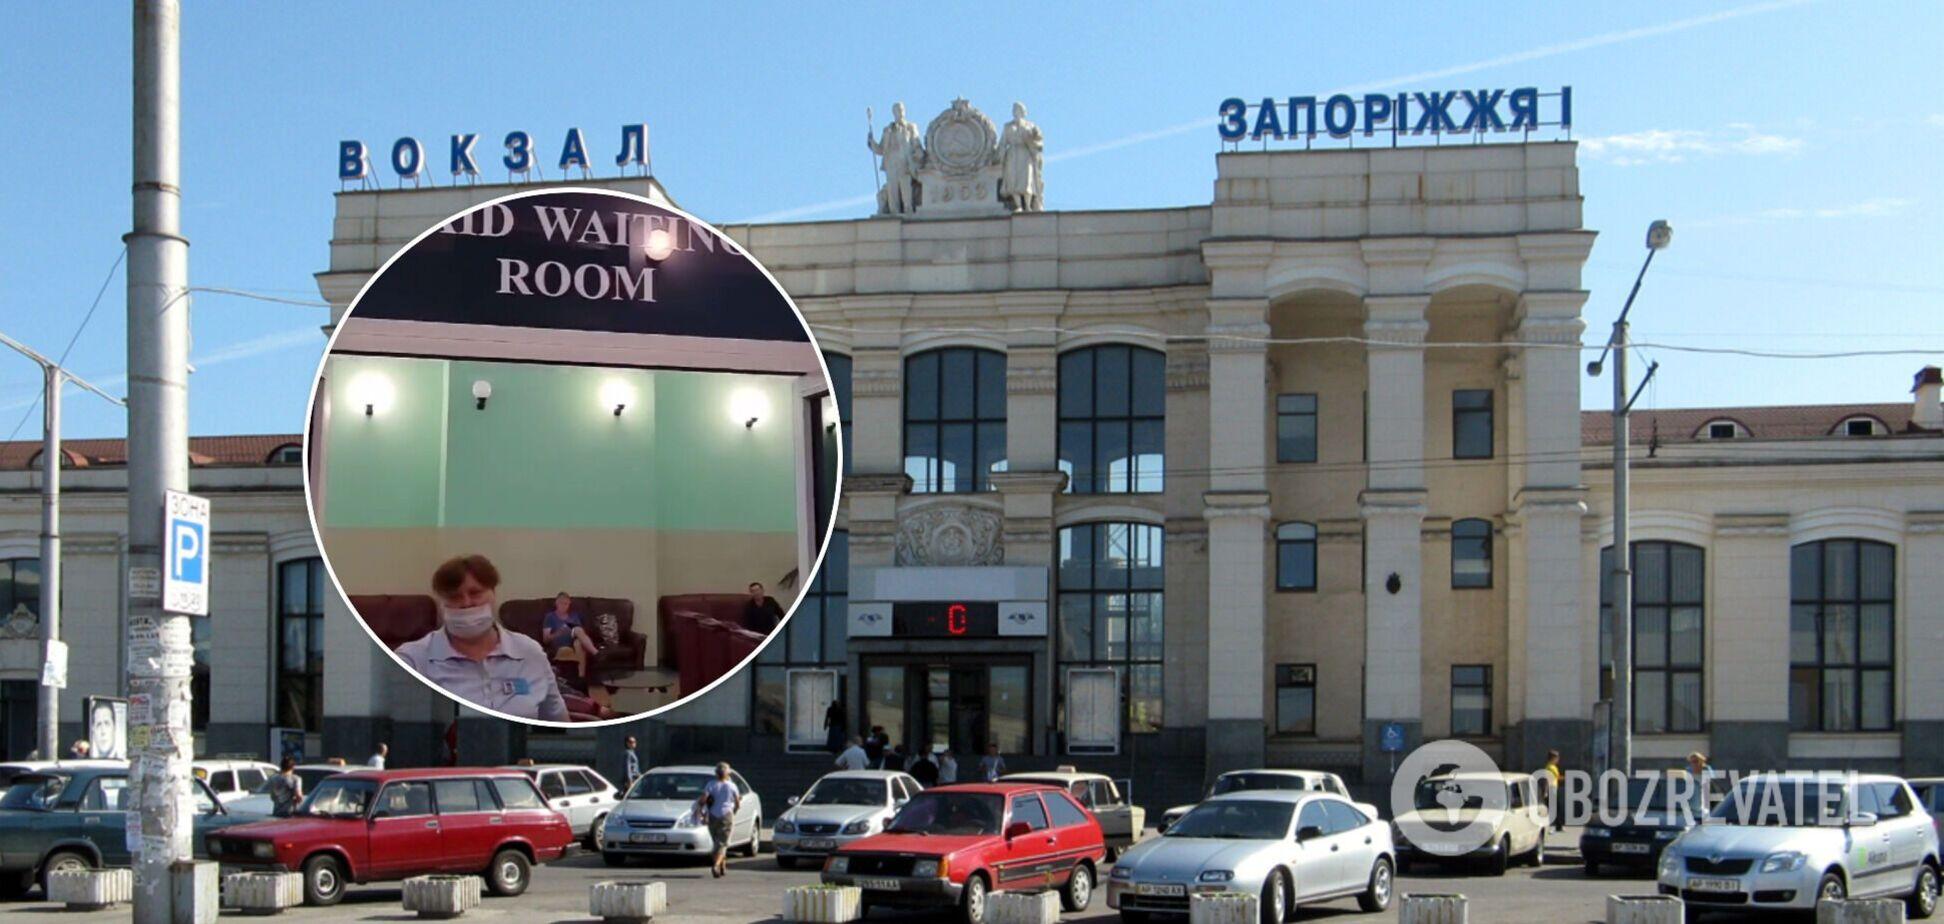 Пасажирка 'Укрзалізниці' поскаржилася, що її дітям не дали спати в залі очікування. Відео